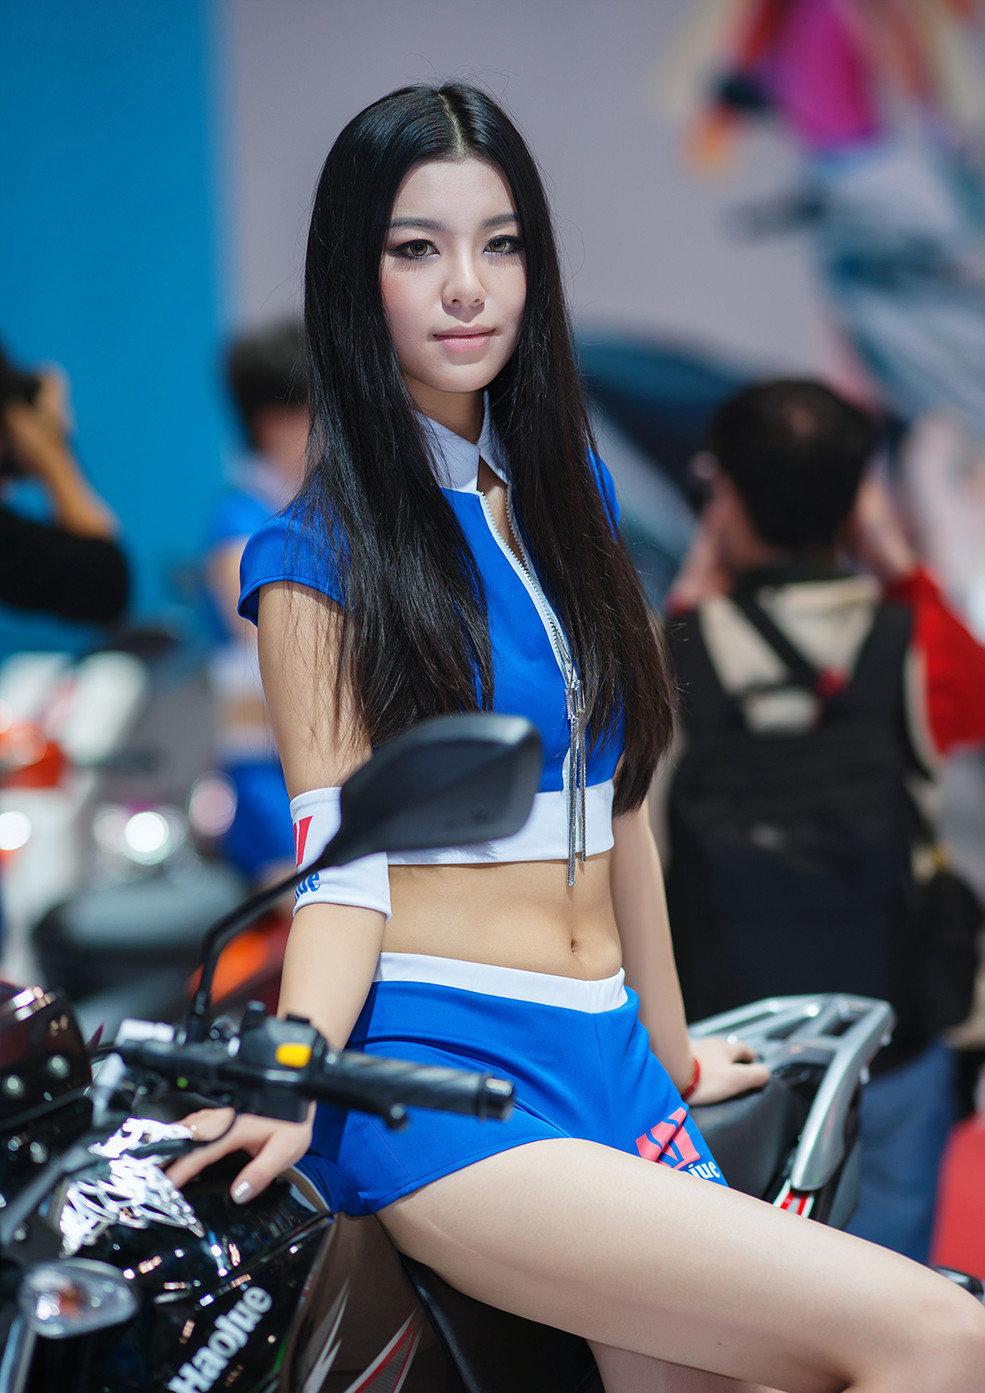 品美女摩托车展车模靓照 竖